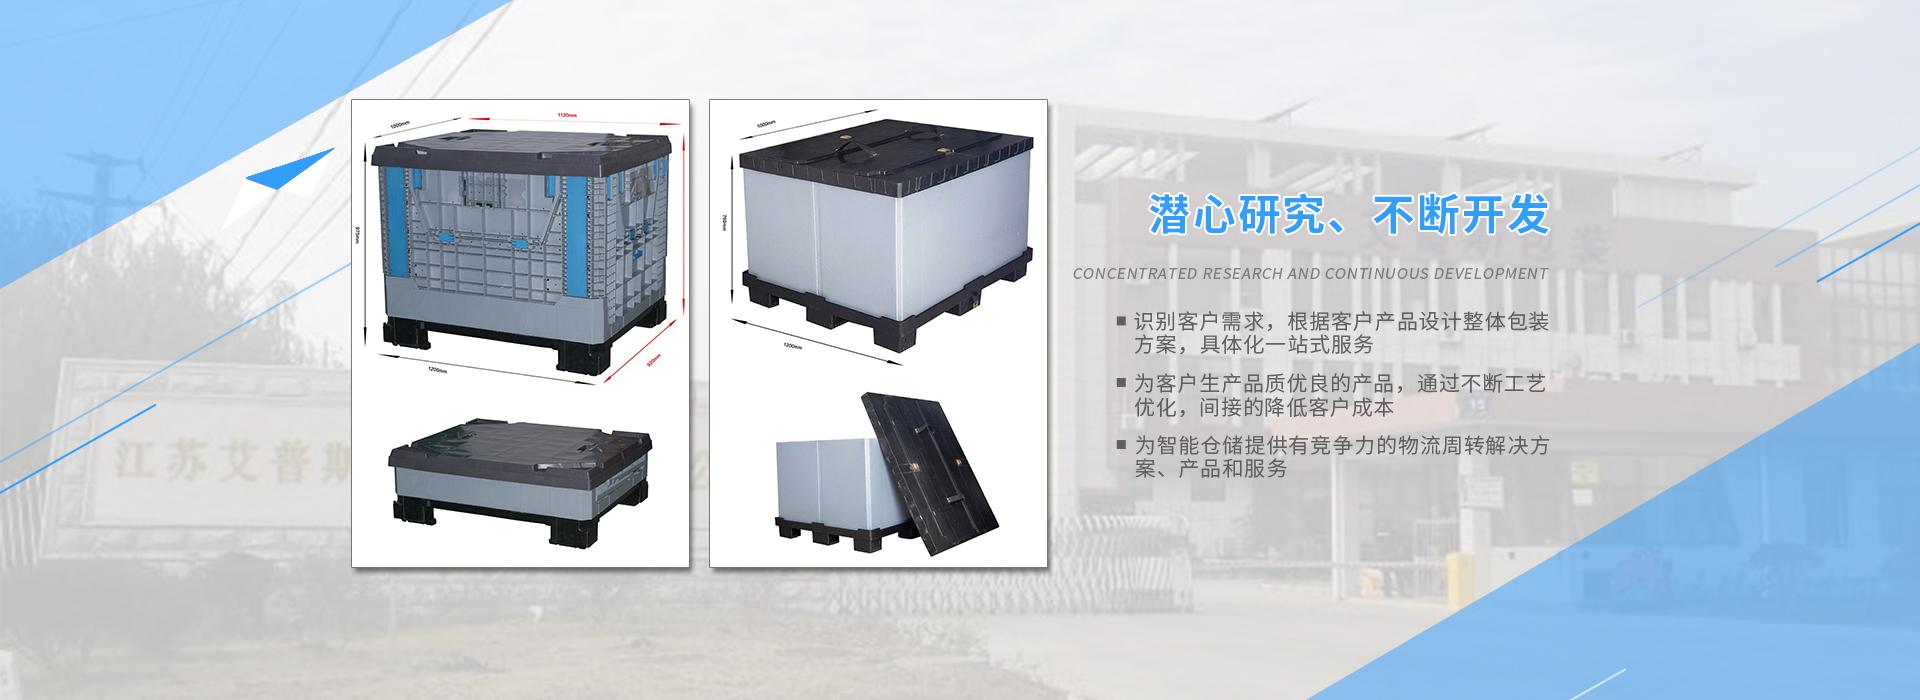 江蘇艾普斯包裝科技有限公司